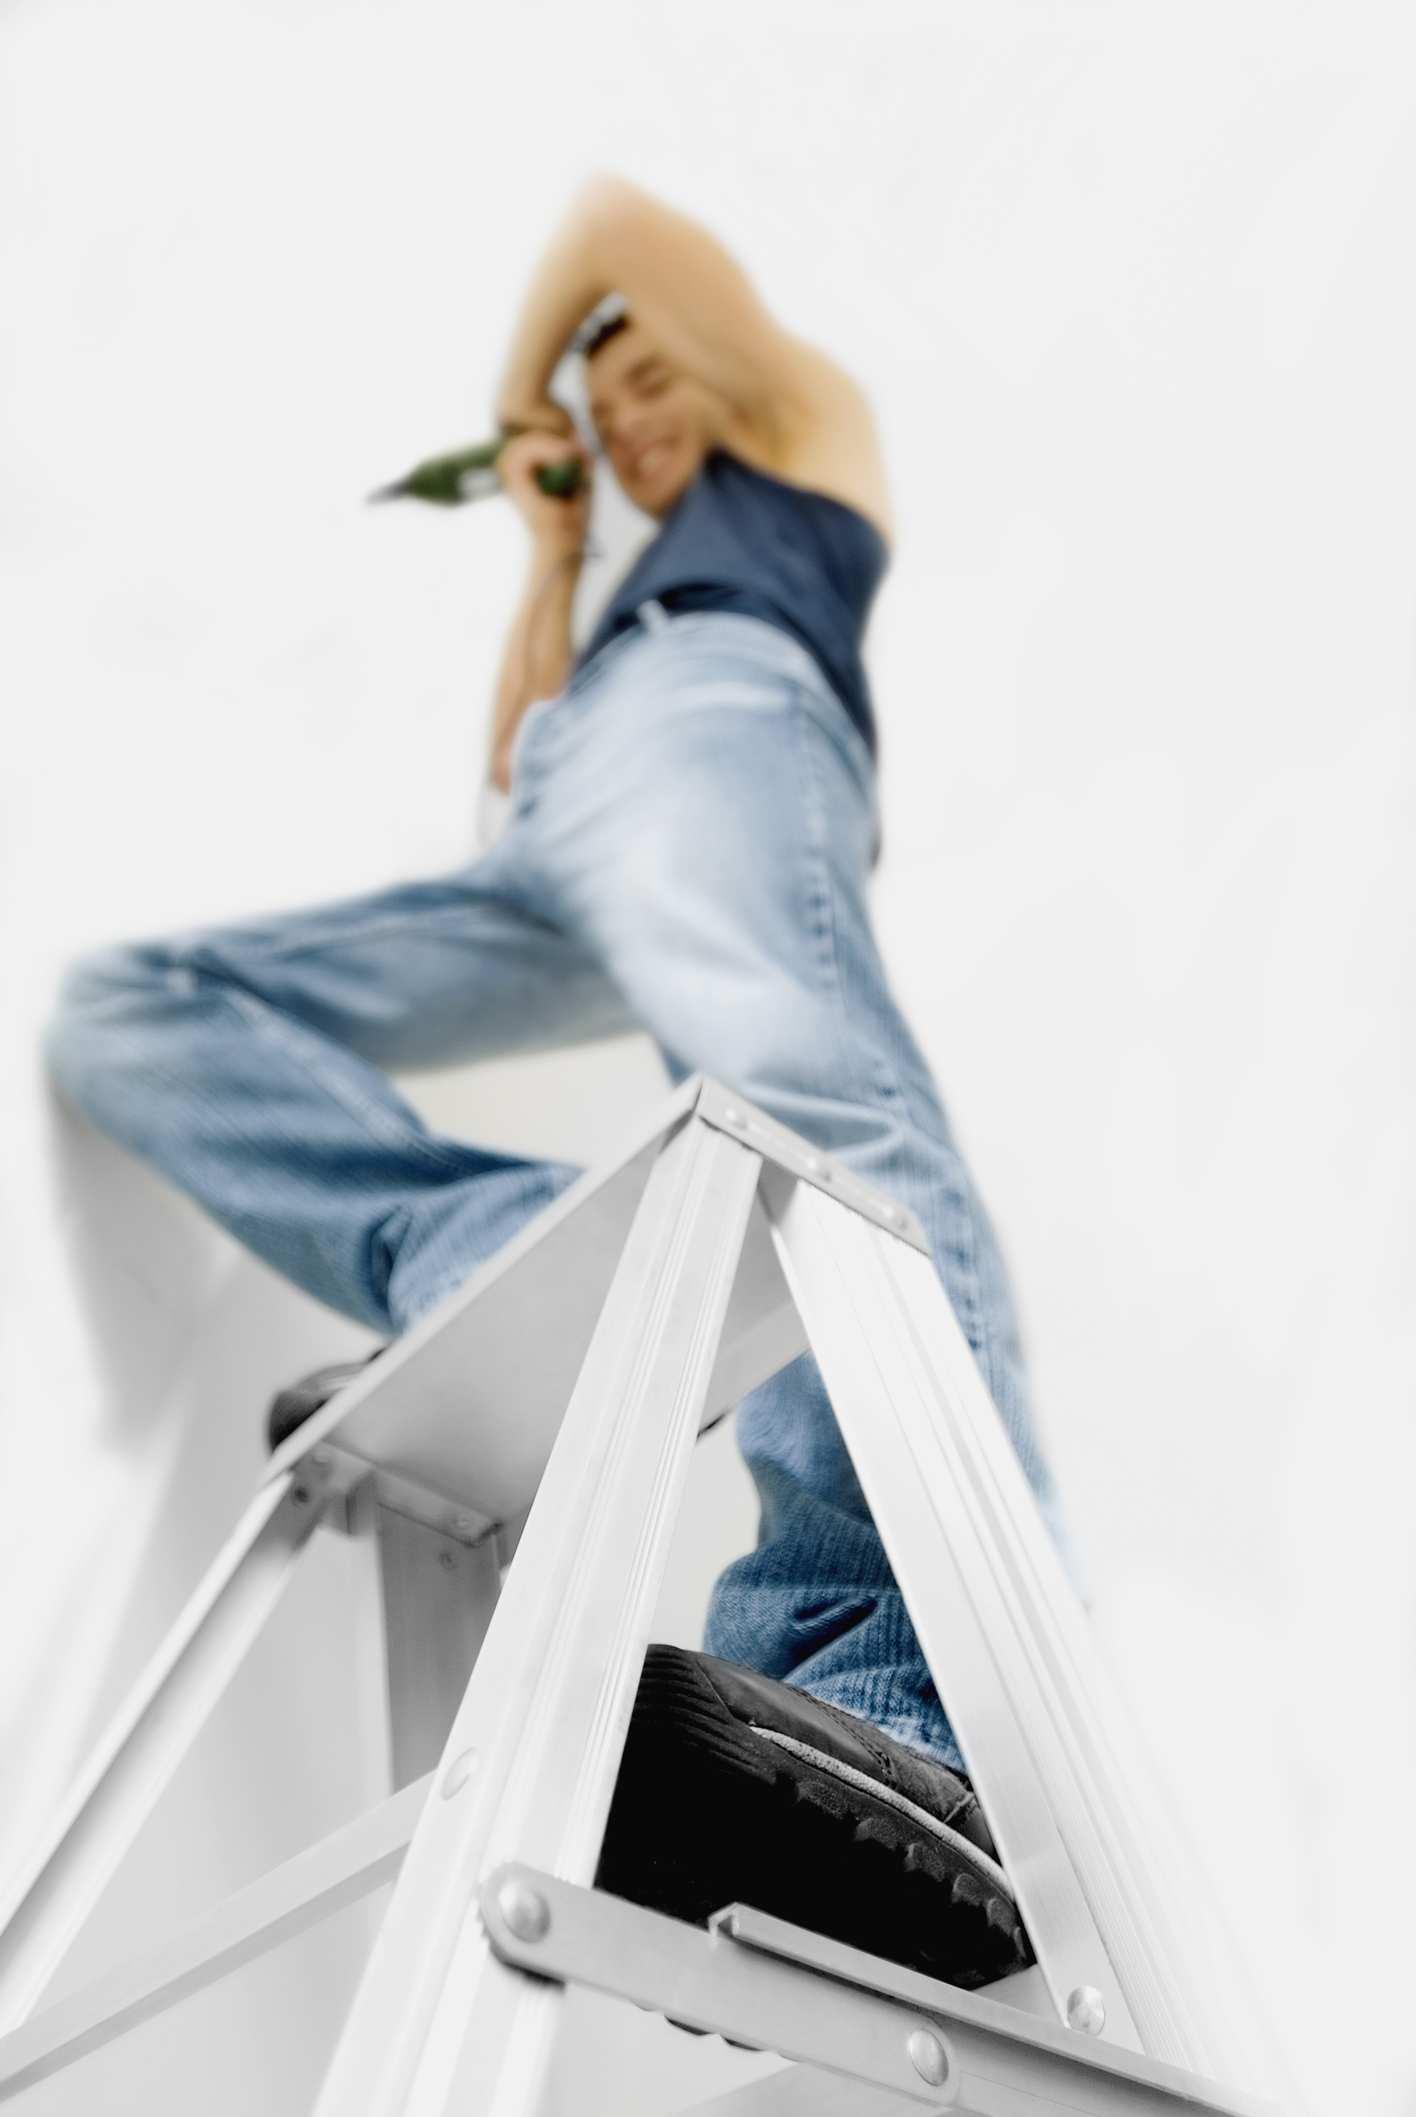 Deswegen Sollten Sie Die Unterweisung Leitern Und Tritte Jahrlich Durchfuhren Weka